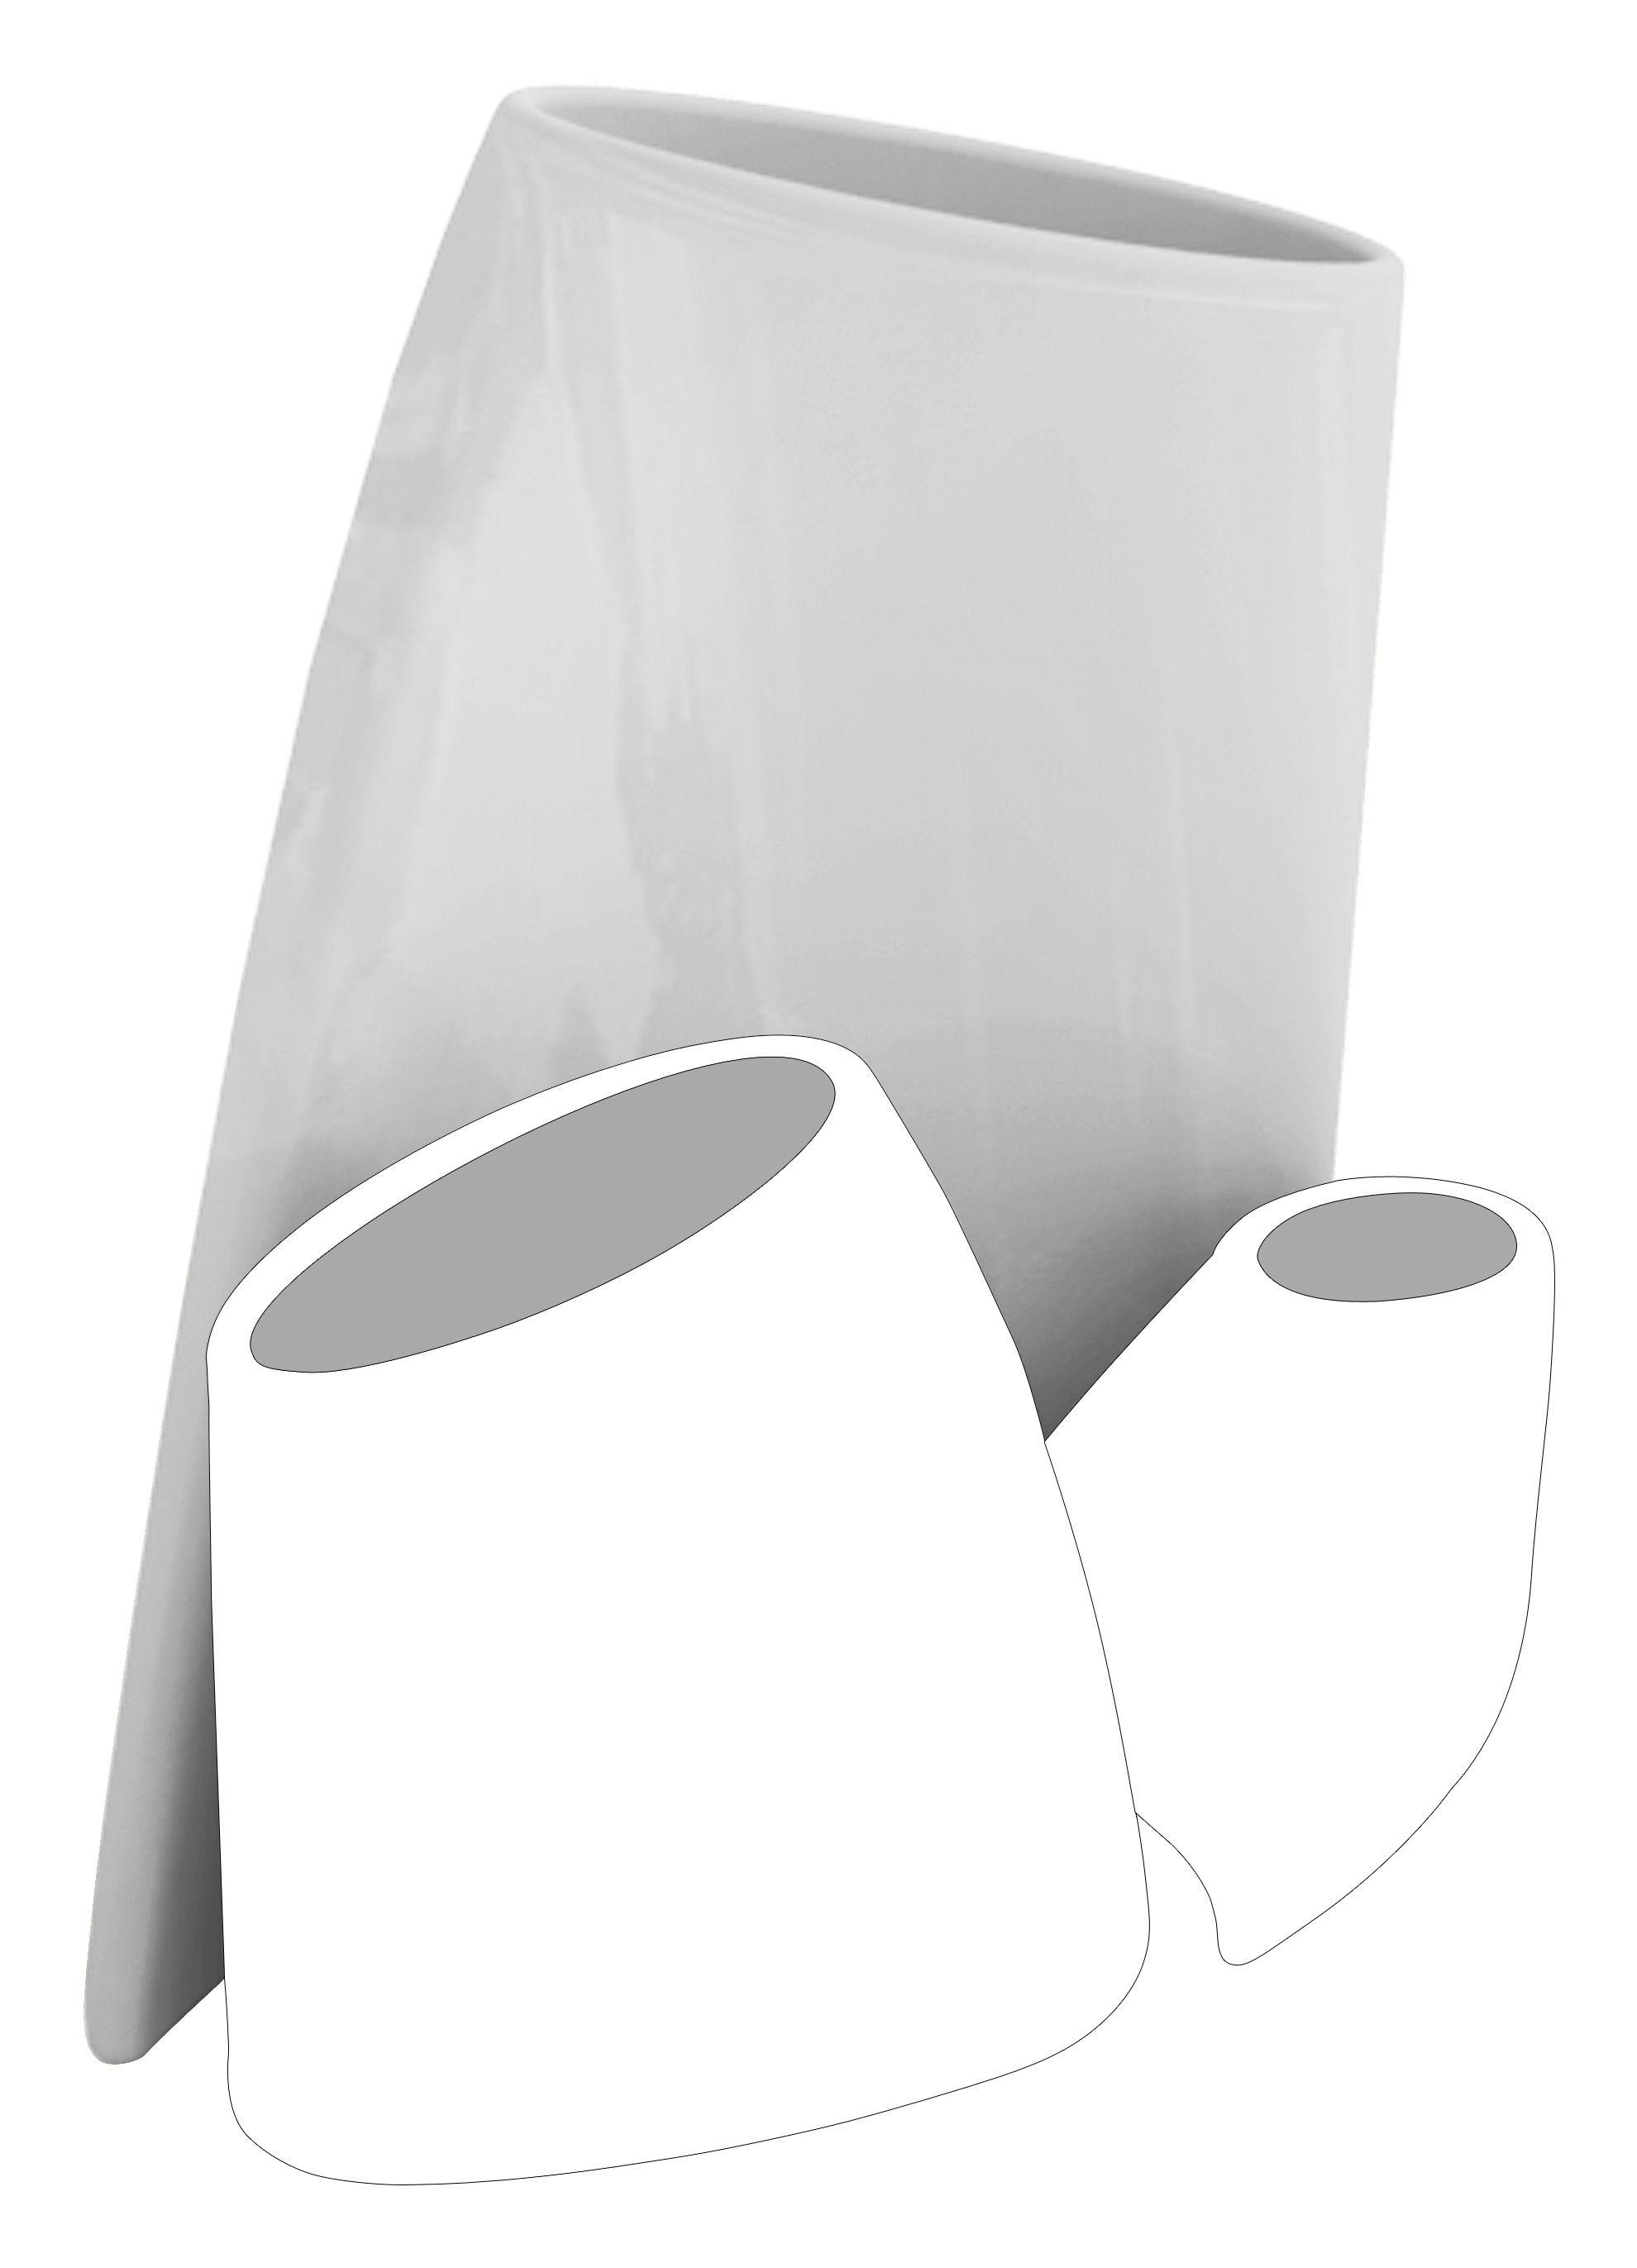 Jardin - Pots et plantes - Pot de fleurs Tao L H 90 cm - Version laquée - MyYour - Gris clair laqué - Polyéthylène rotomoulé laqué